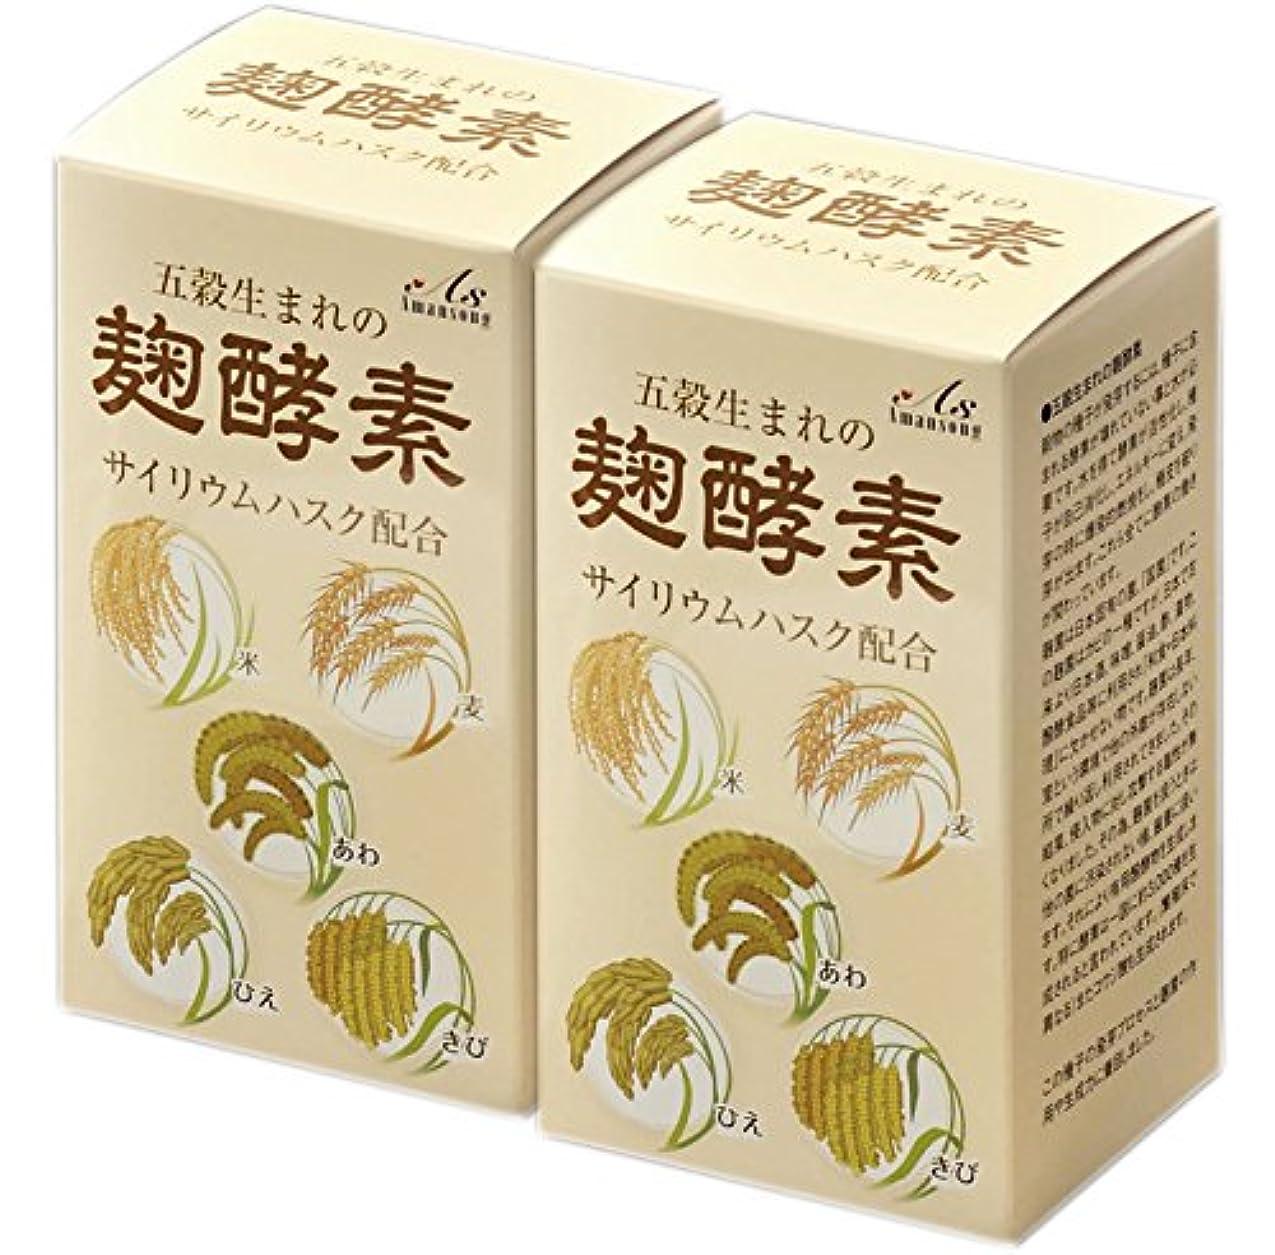 散文もろい小道A?S 2箱セット五穀生まれの麹酵素 更に1箱プレゼント、更に「活きてる酵素だし」1袋プレゼント